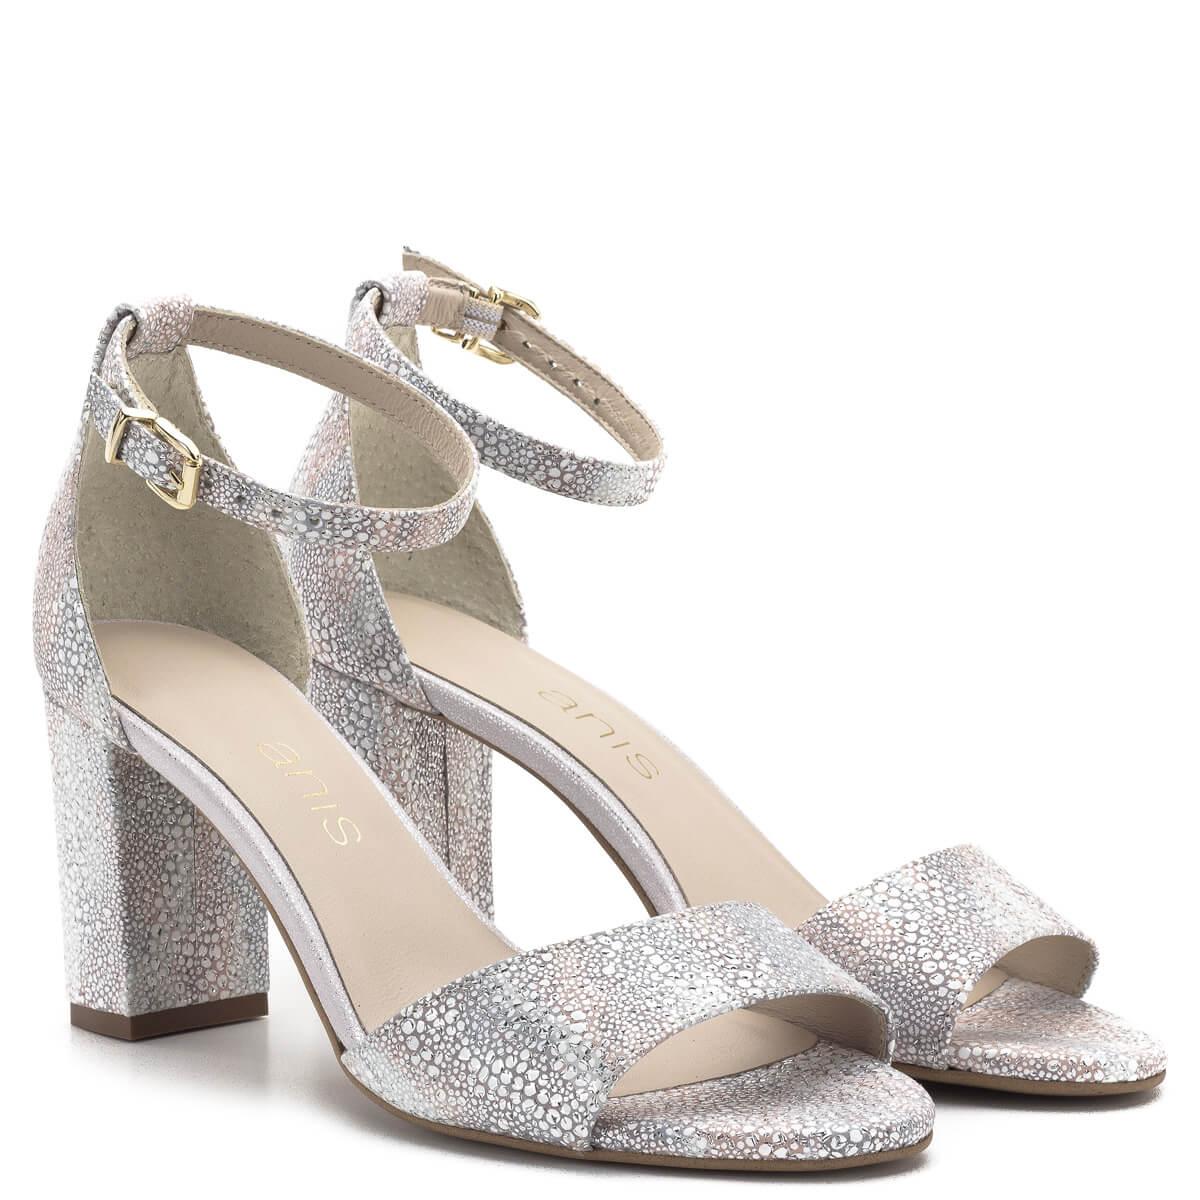 35b96c9005 Alkalmi cipő webáruház - Női alkalmi cipők rendelése online